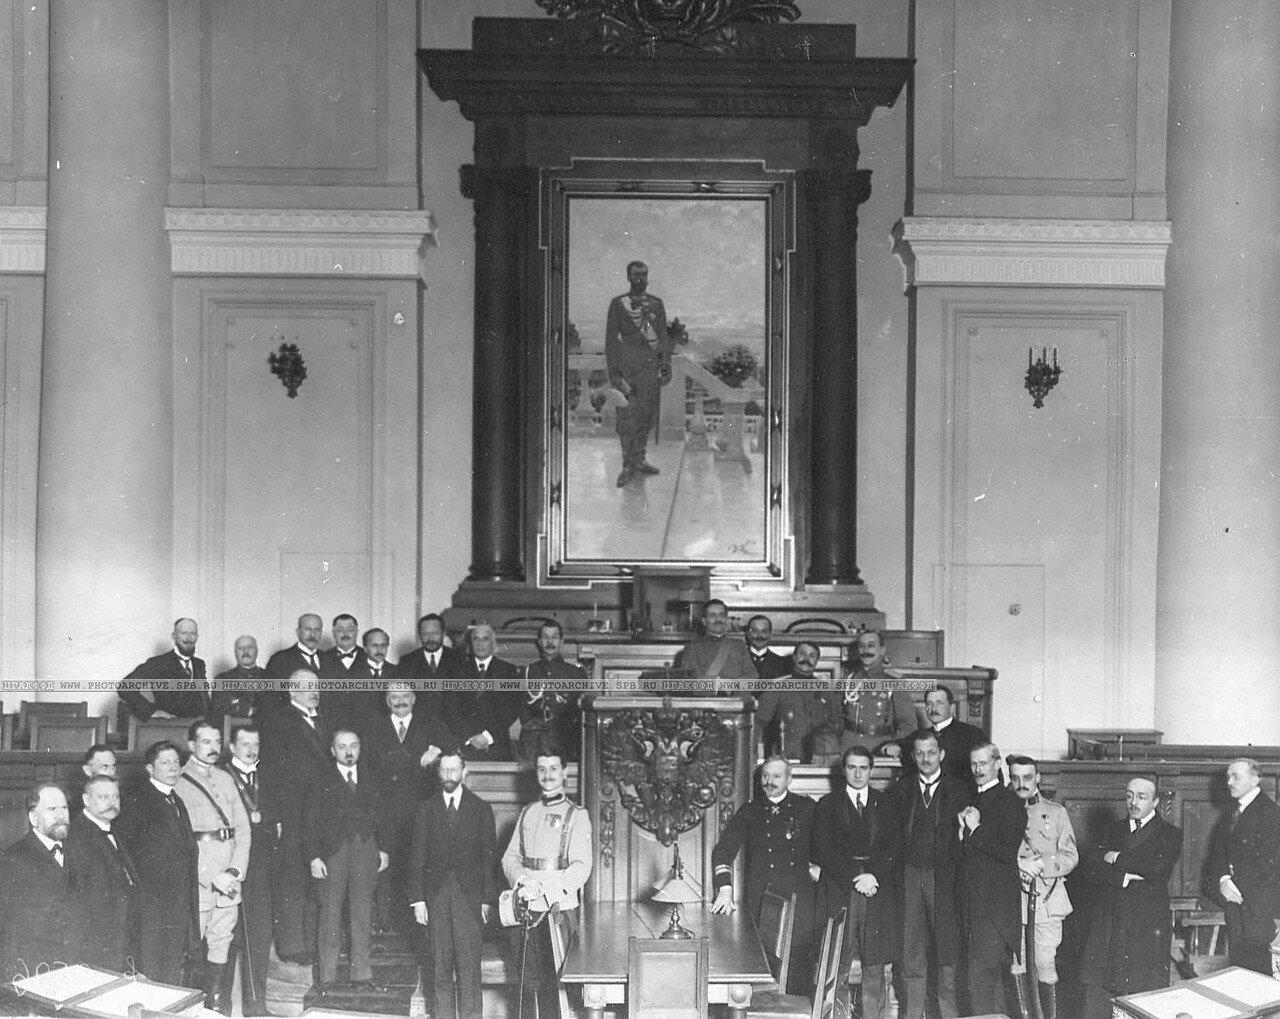 Группа иностранных офицеров с депутатами Четвертой Государственной думы в зале заседаний Таврического дворца, февраль 1917г